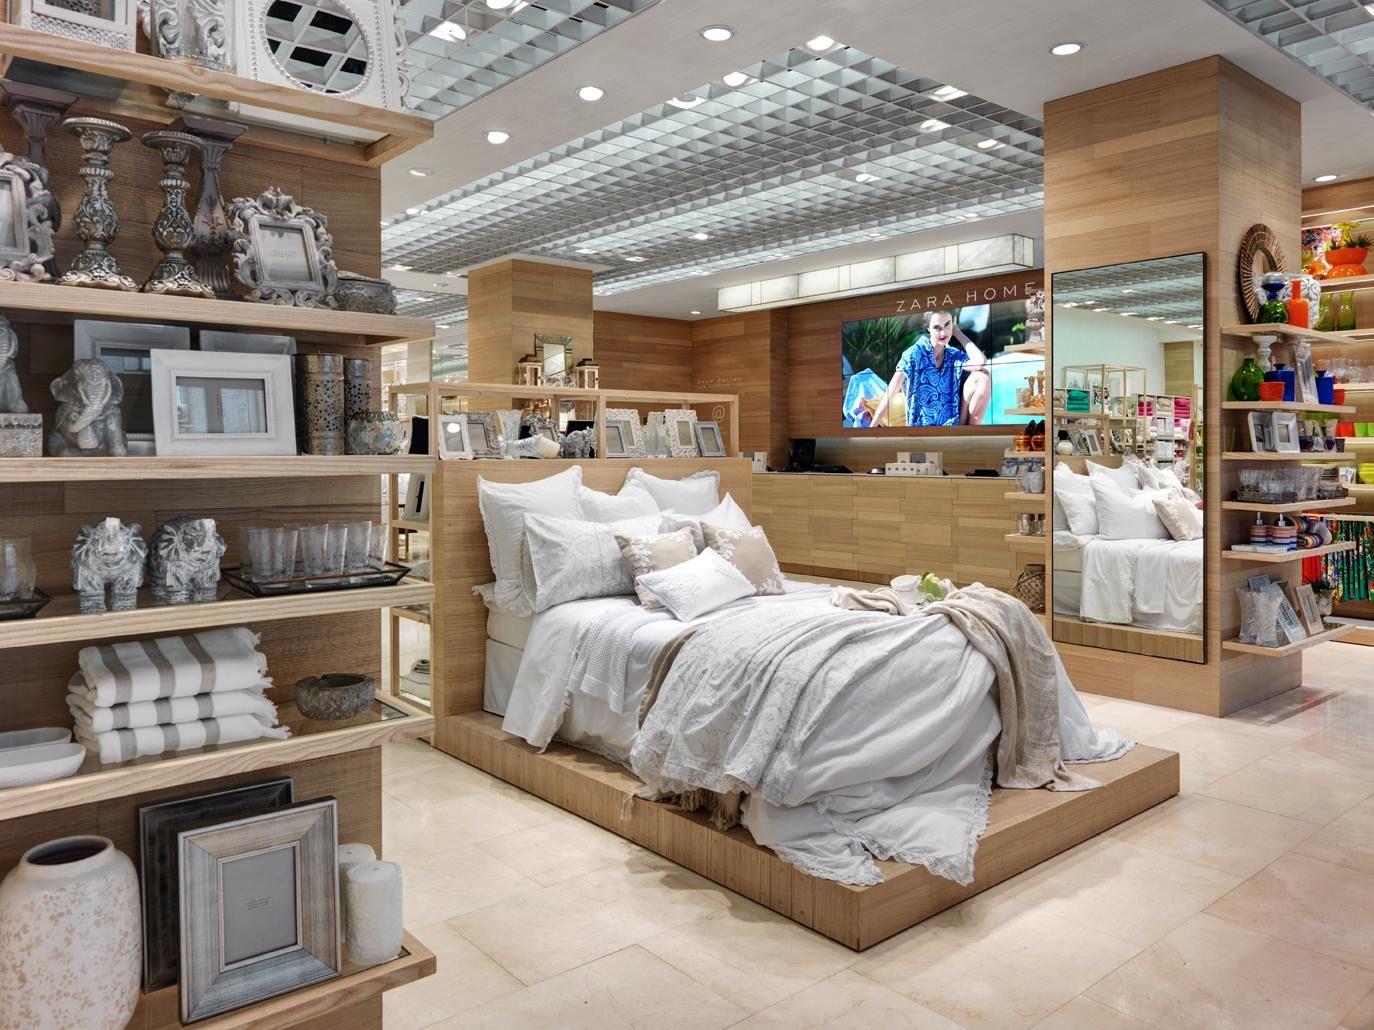 zara home shop. Black Bedroom Furniture Sets. Home Design Ideas